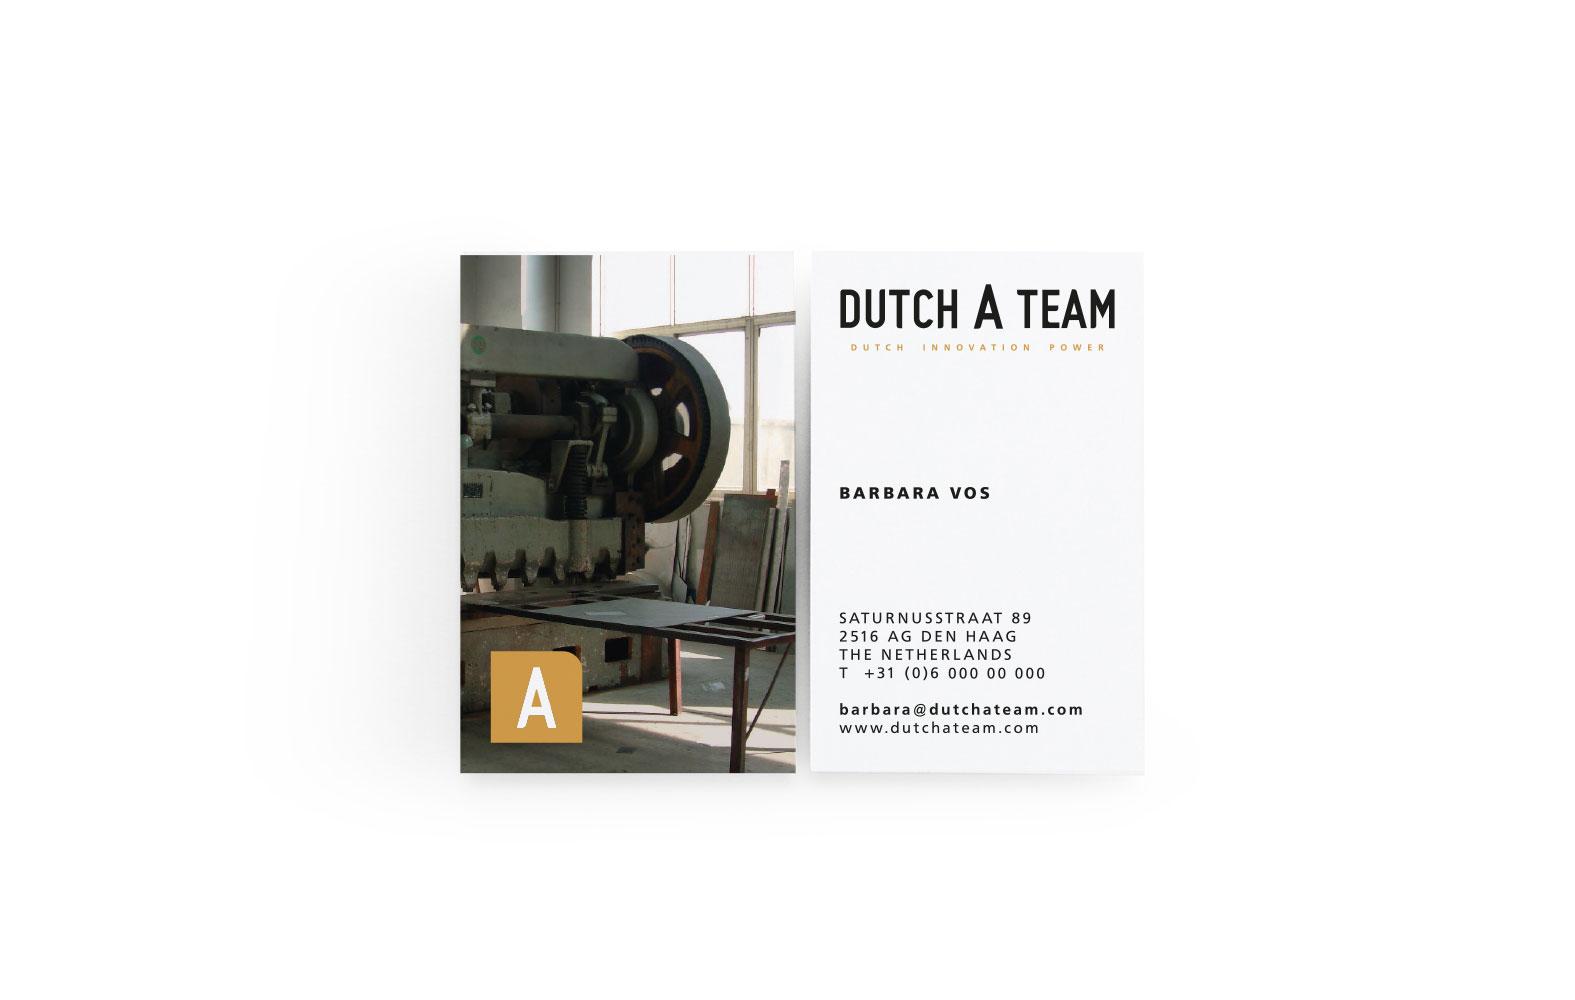 StudioErnst-DutchAteam8